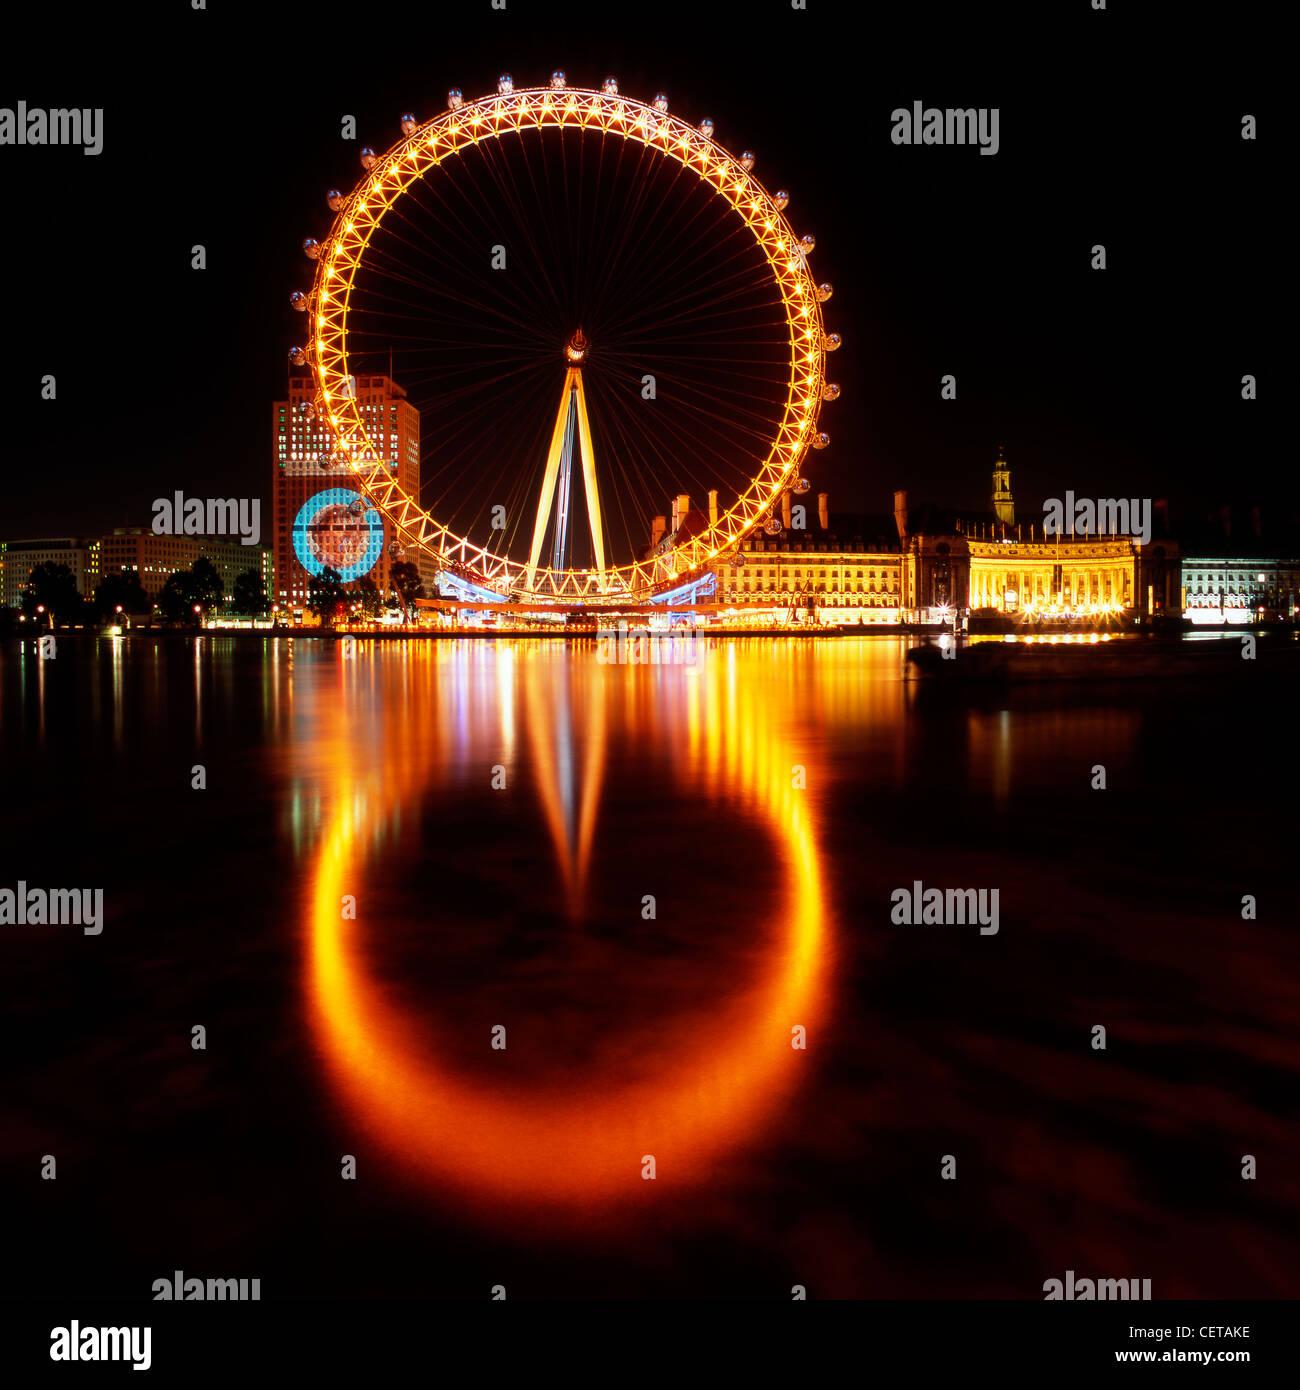 Il British Airways London Eye di notte. Inaugurato nel 1999, sorge a 135m di altezza che lo rende il più grande Immagini Stock